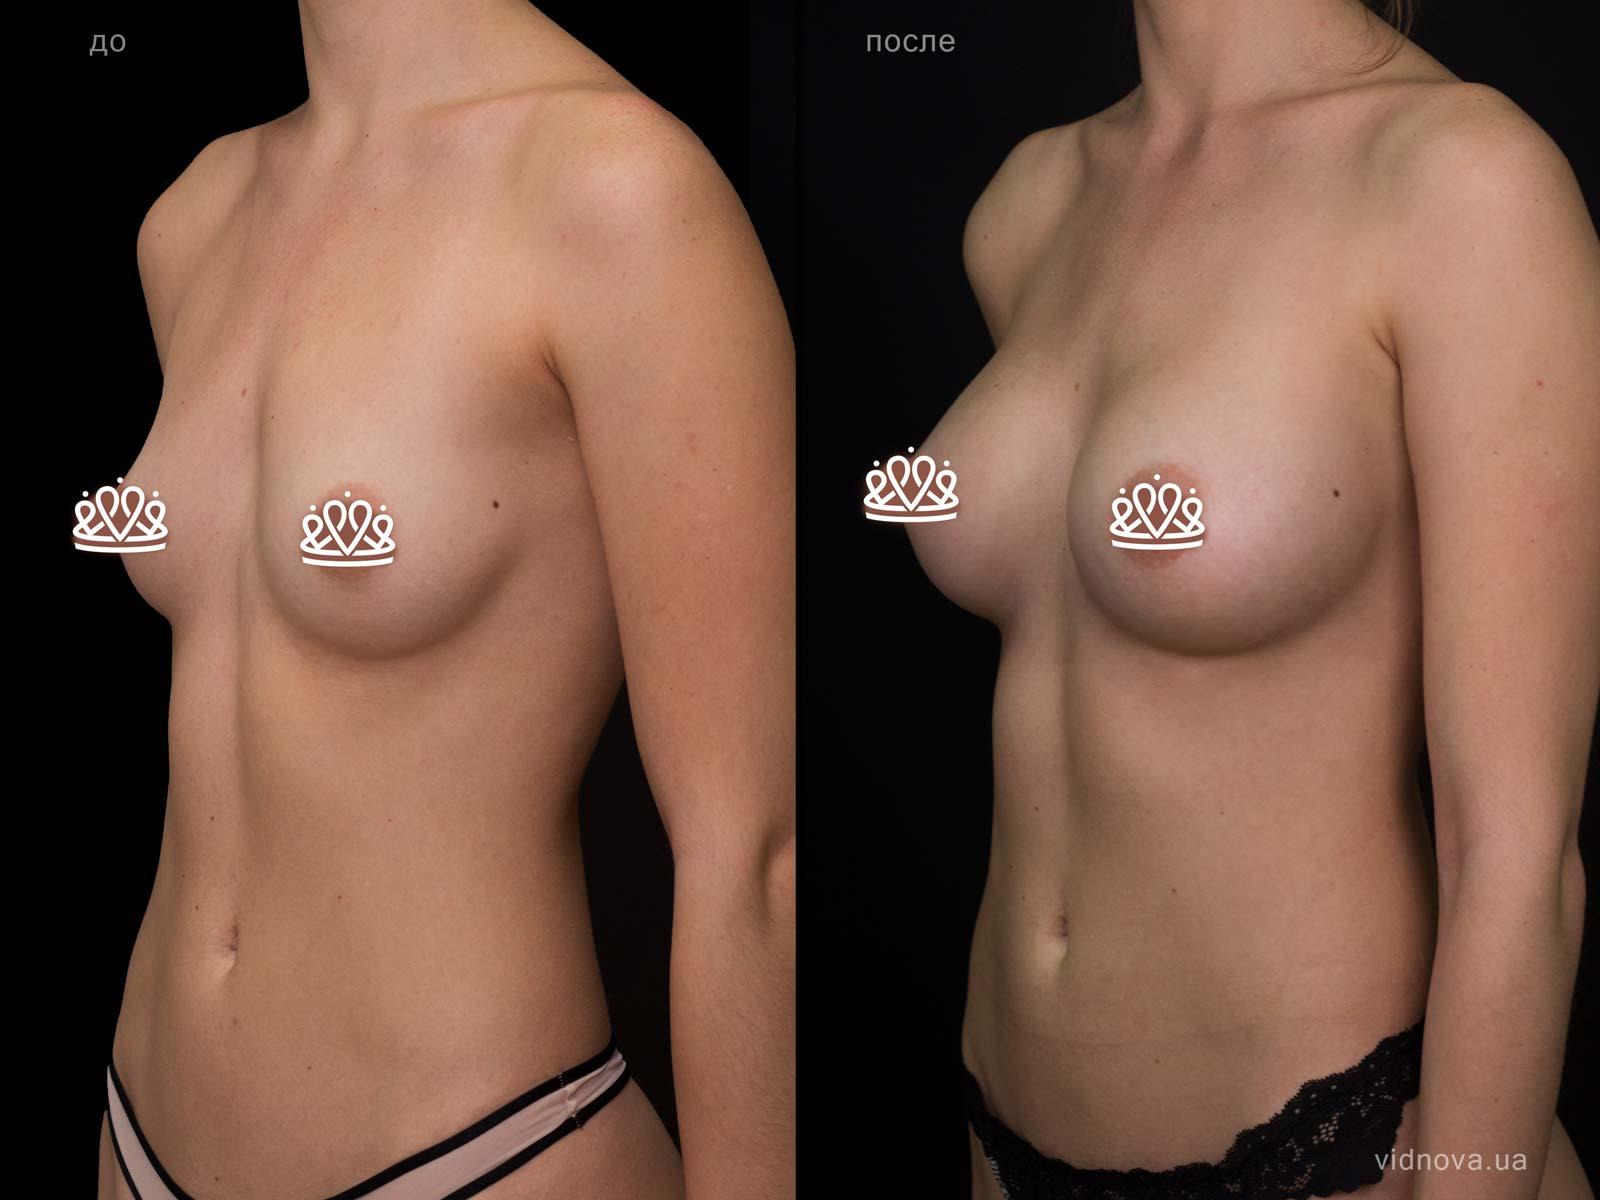 Пластика груди: результаты до и после - Пример №110-1 - Светлана Работенко